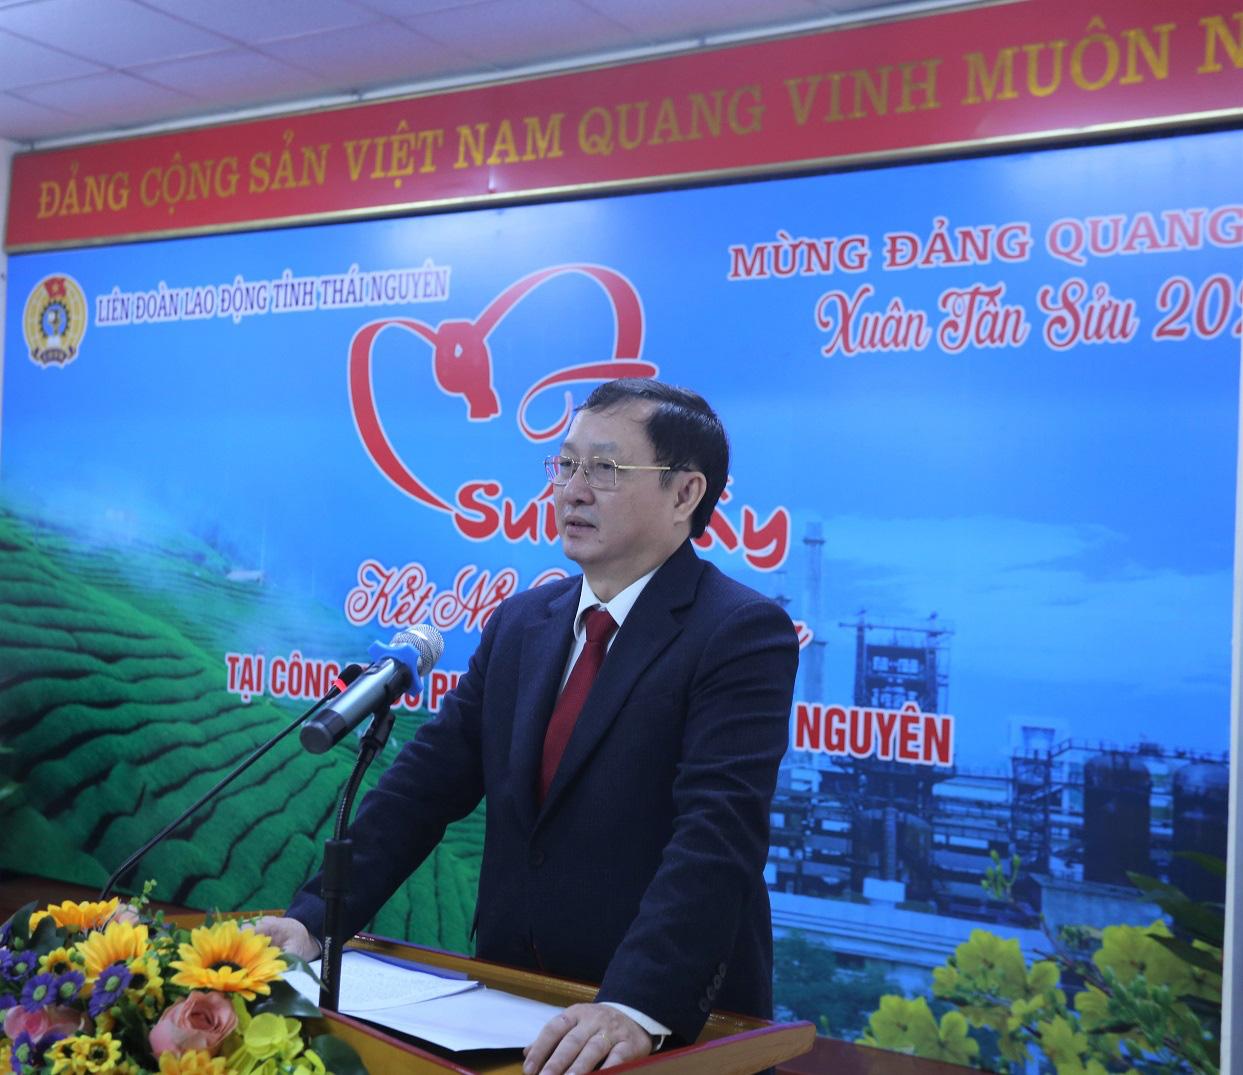 Bộ trưởng Bộ Khoa học và Công nghệ làm việc tại tỉnh Thái Nguyên - Ảnh 1.